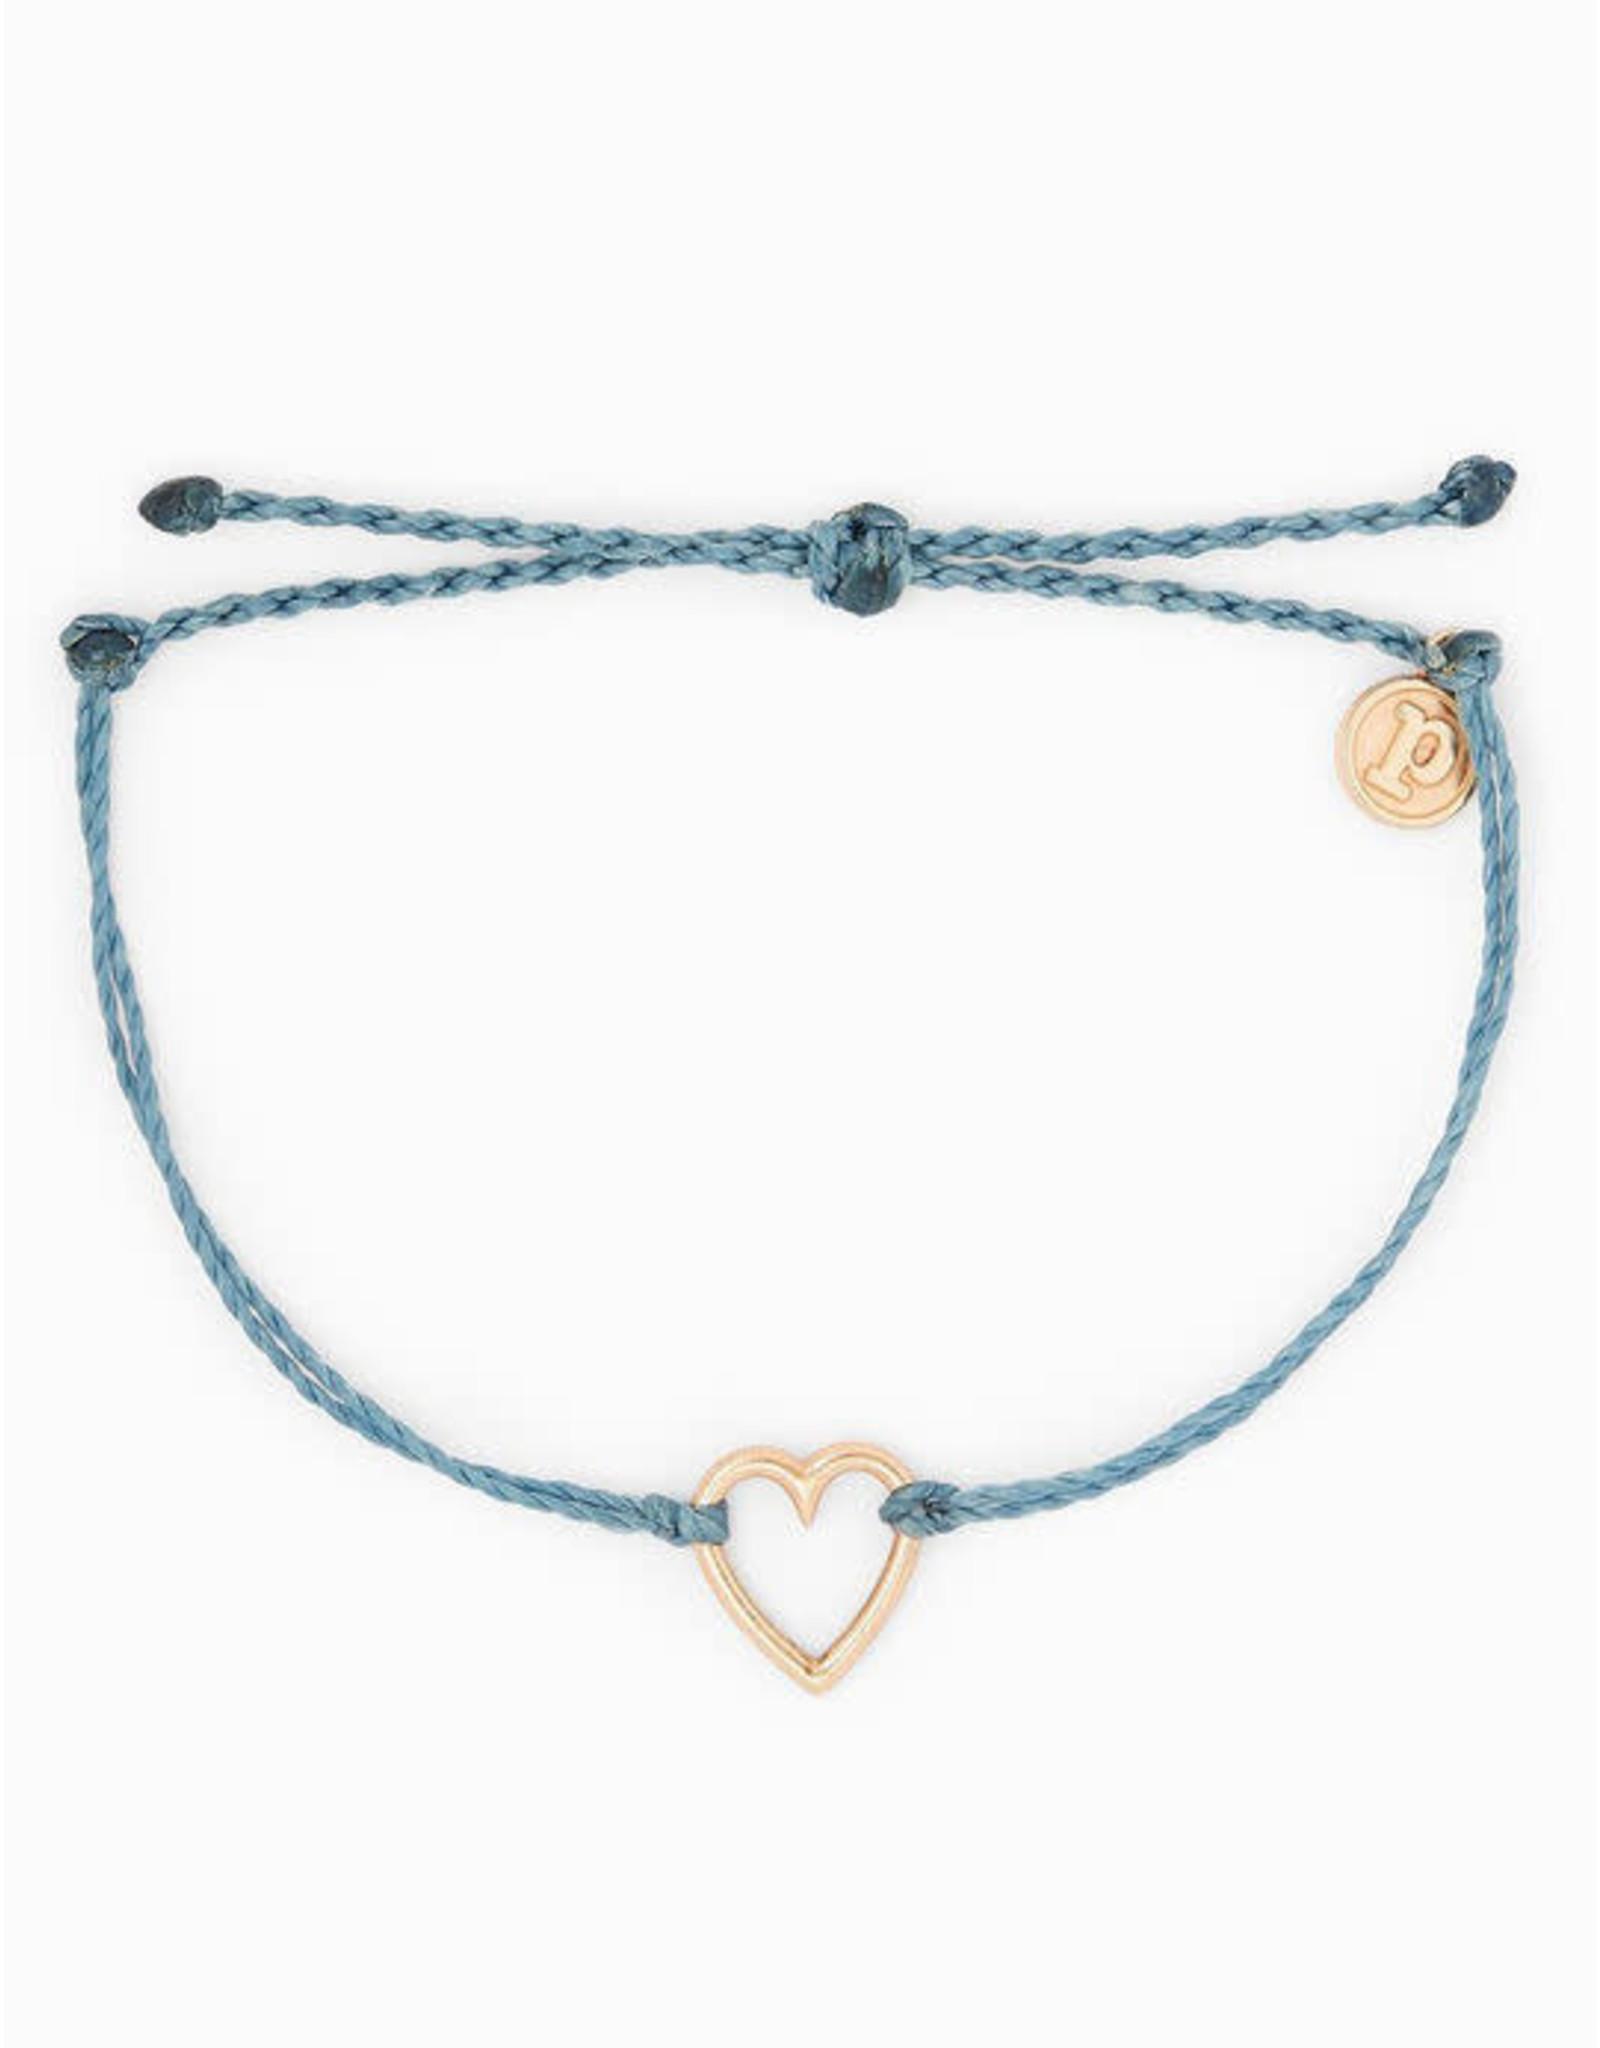 GOLD OPEN HEART Bracelet, BLUE